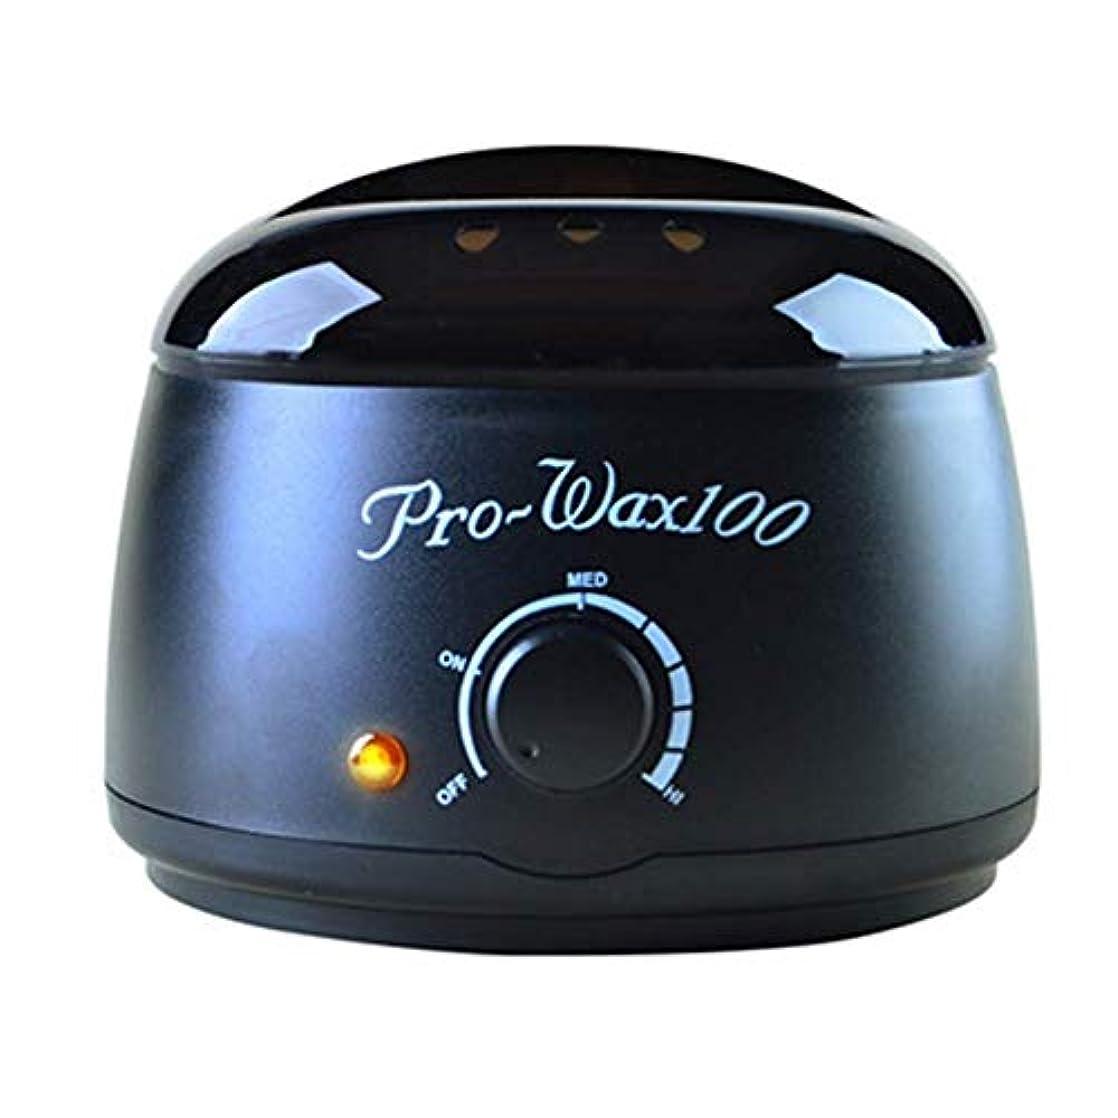 行動量で神話すべてのワックスタイプのための専門の電気ワックスヒーター、ワックスメルター可変温度とウォーマーと内蔵サーモ安全制御500ミリリットル脱毛脱毛のために